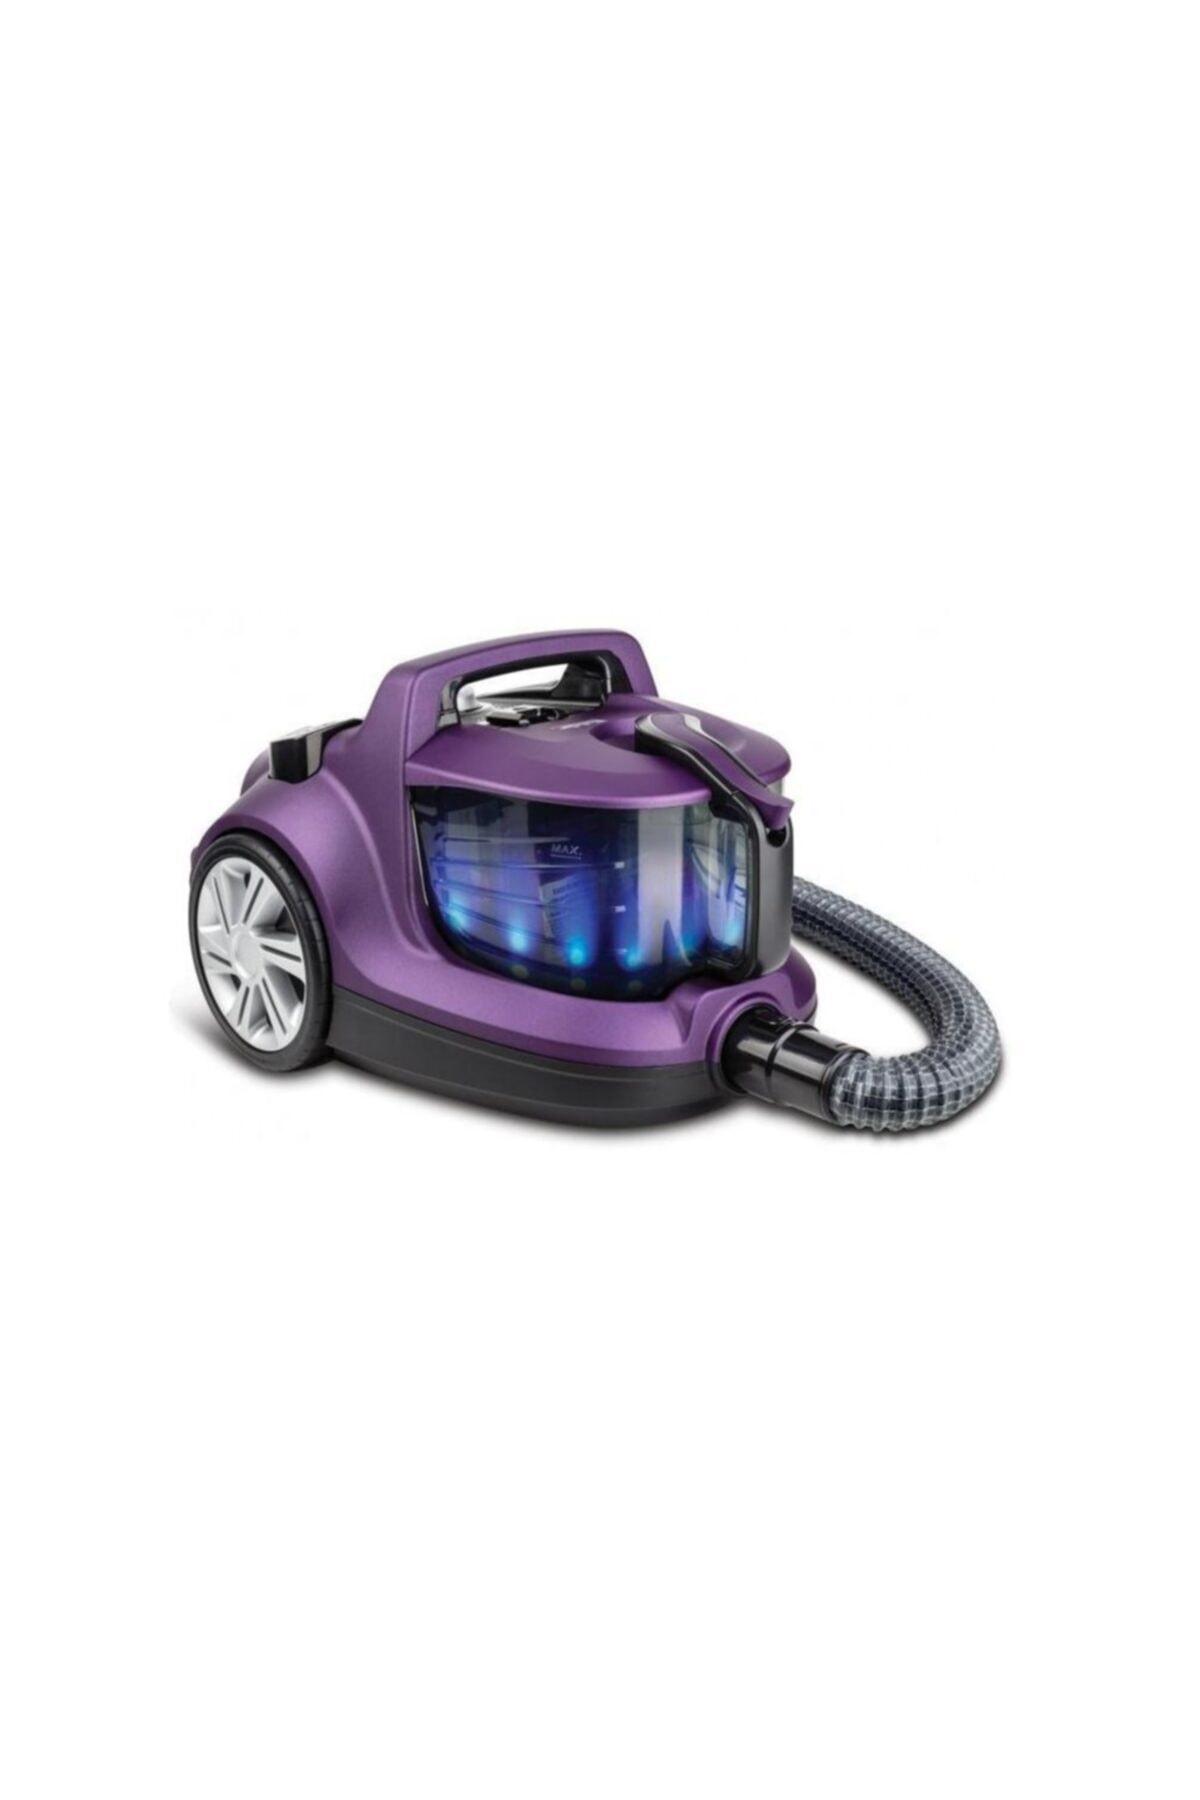 Veyron Turbo Xl Premıum Elek. Süp.( Mor)